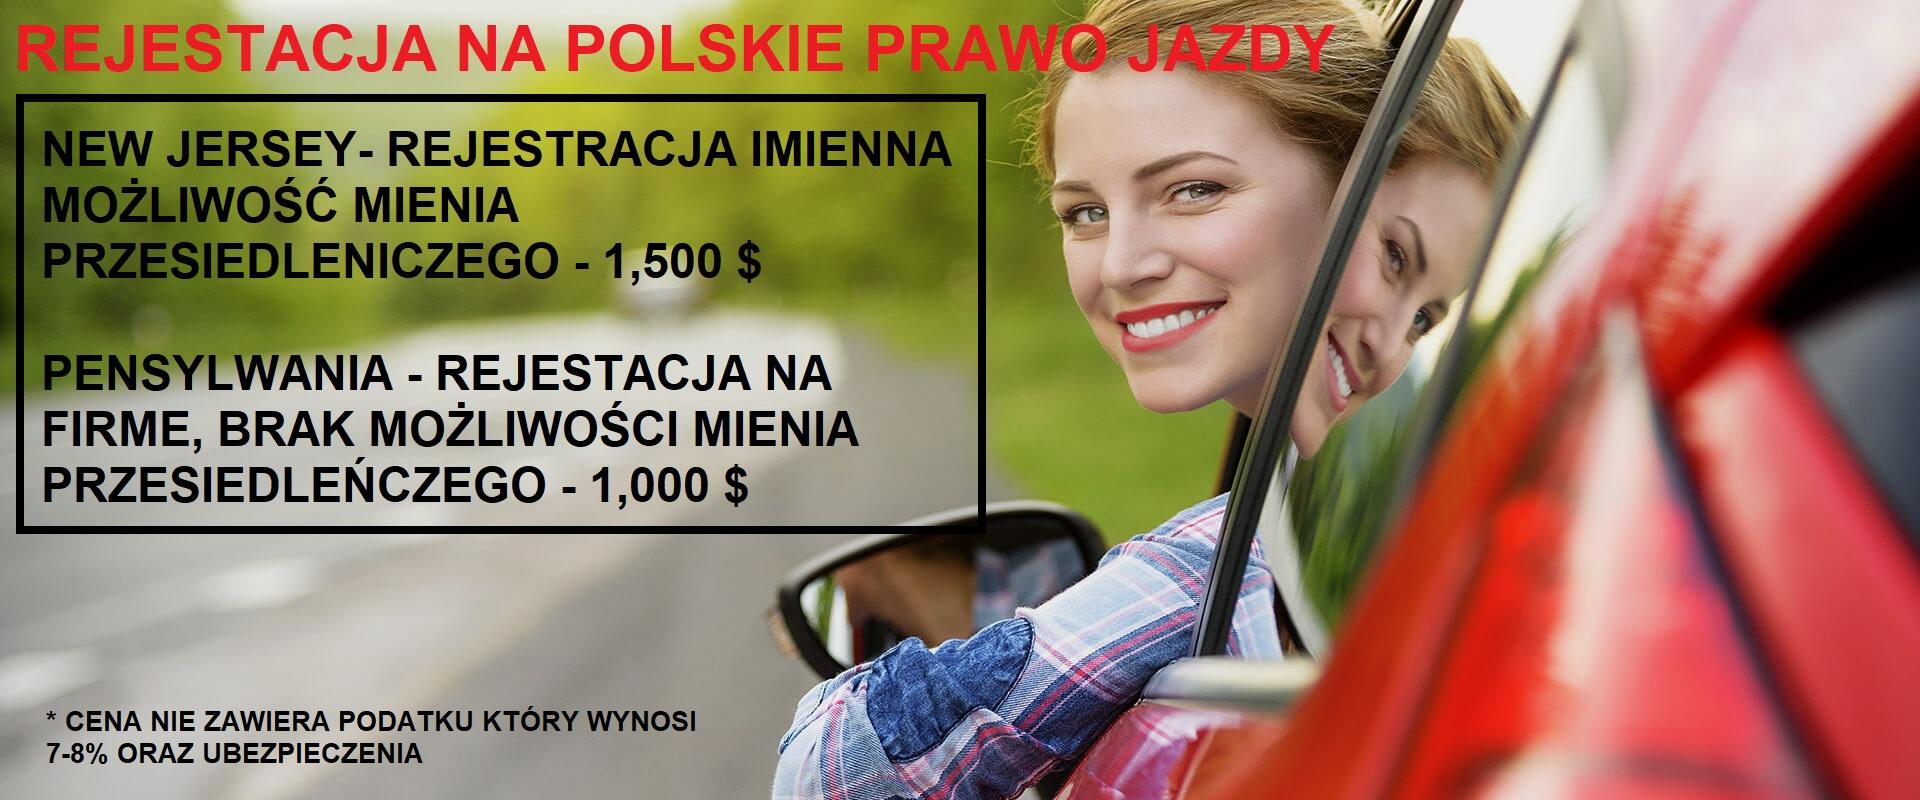 Ogłoszenie darmowe. Lokalizacja:  All States. DAM PRACĘ - Wszystkie inne. Zarejestruj Auto na Polskie Prawo.